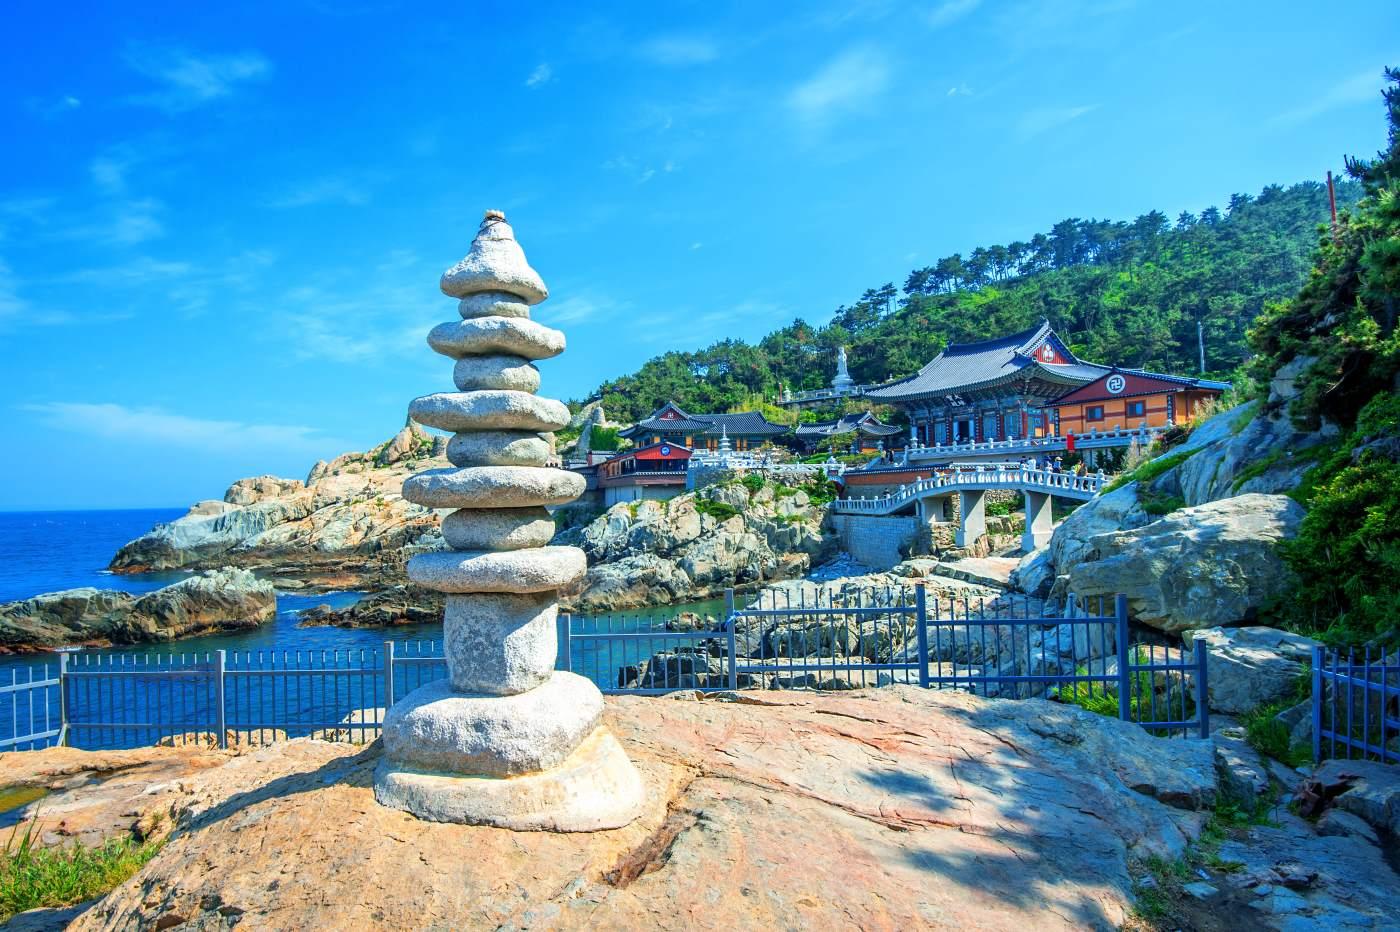 Templo Haedong Youggungsa en Busan